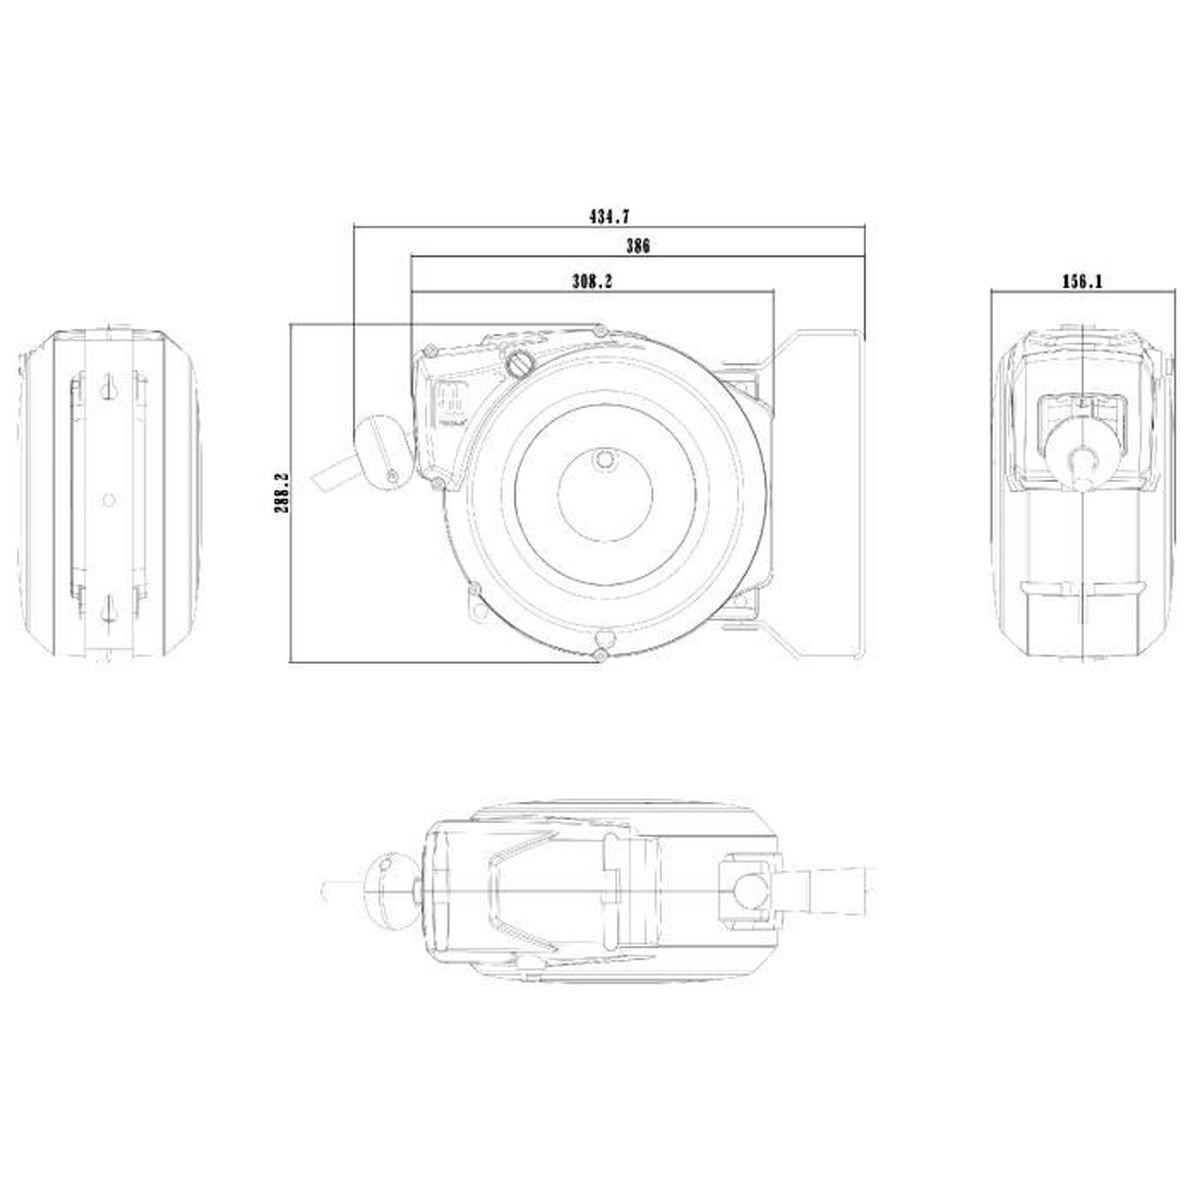 G Enrouleur de C/âble haute Performance 2,5 mm/² x 20 m avec Support Rotatif